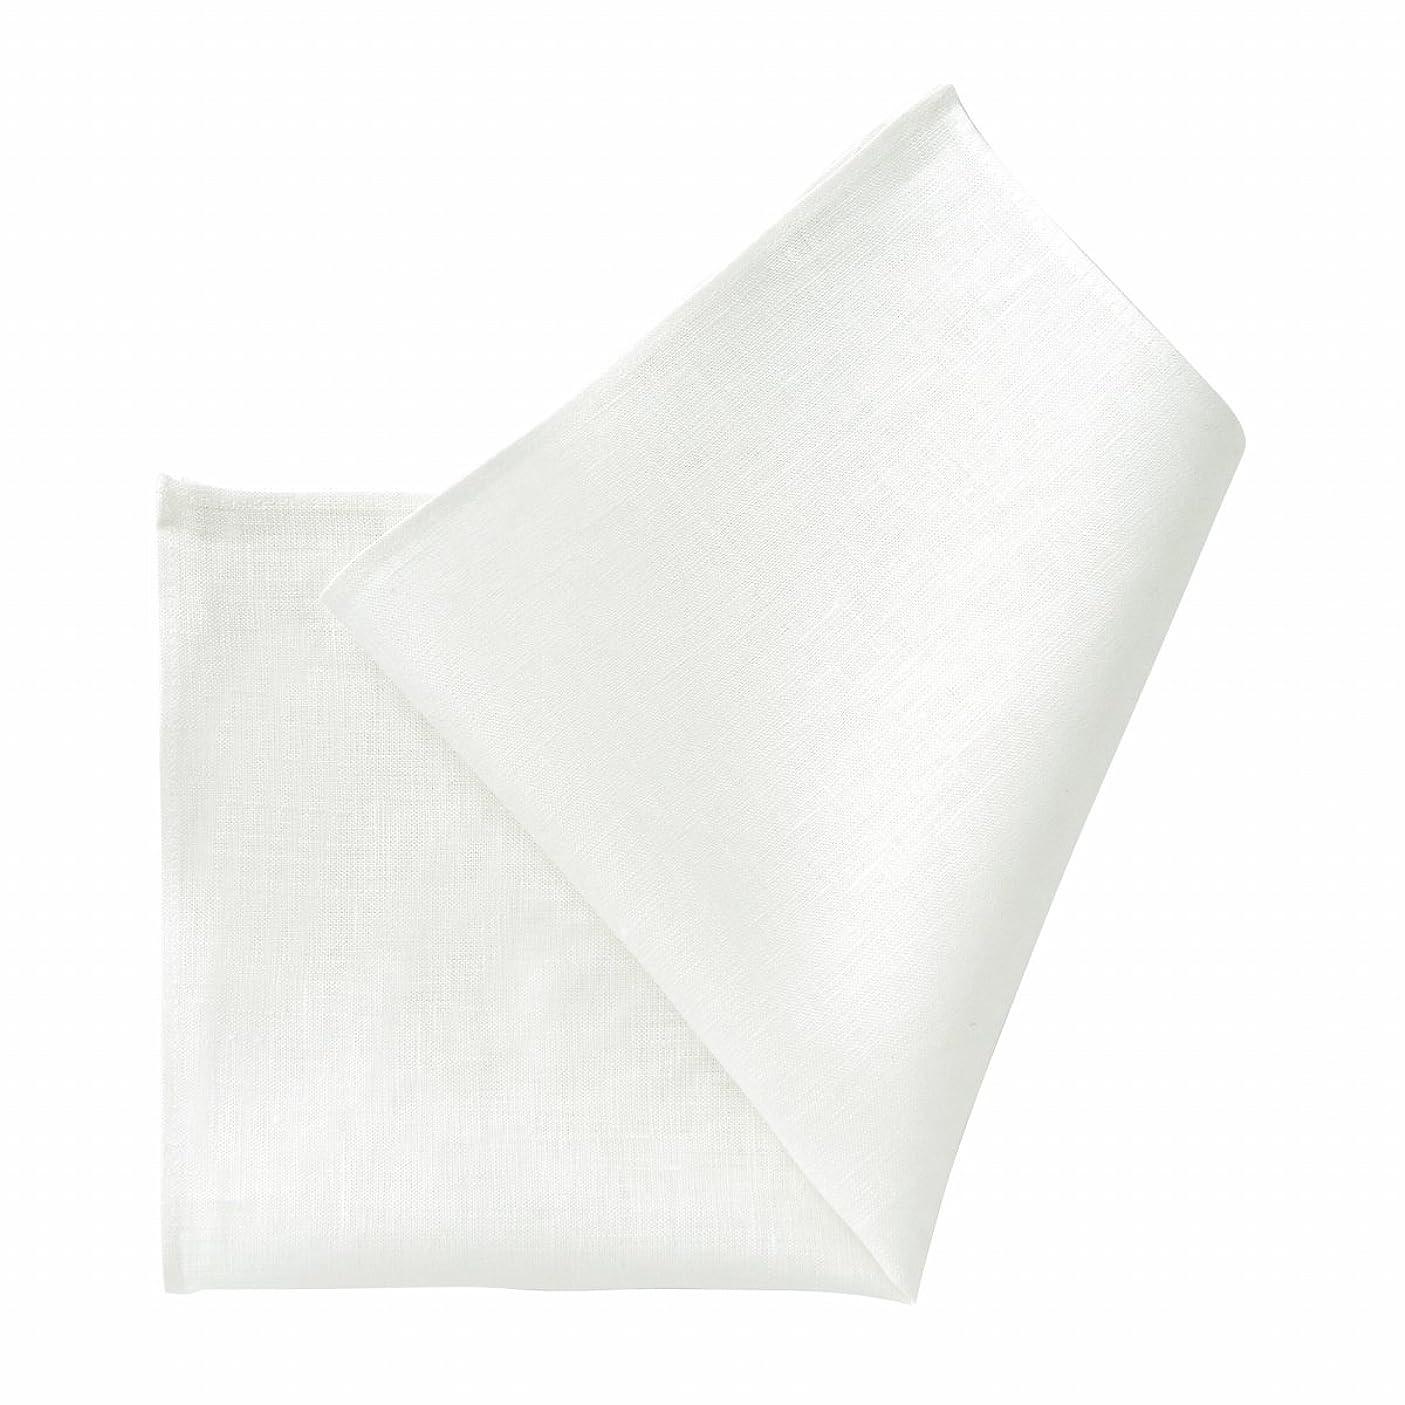 年次見せます想定するポケットチーフ 台紙付き シルク スクエア 全10色